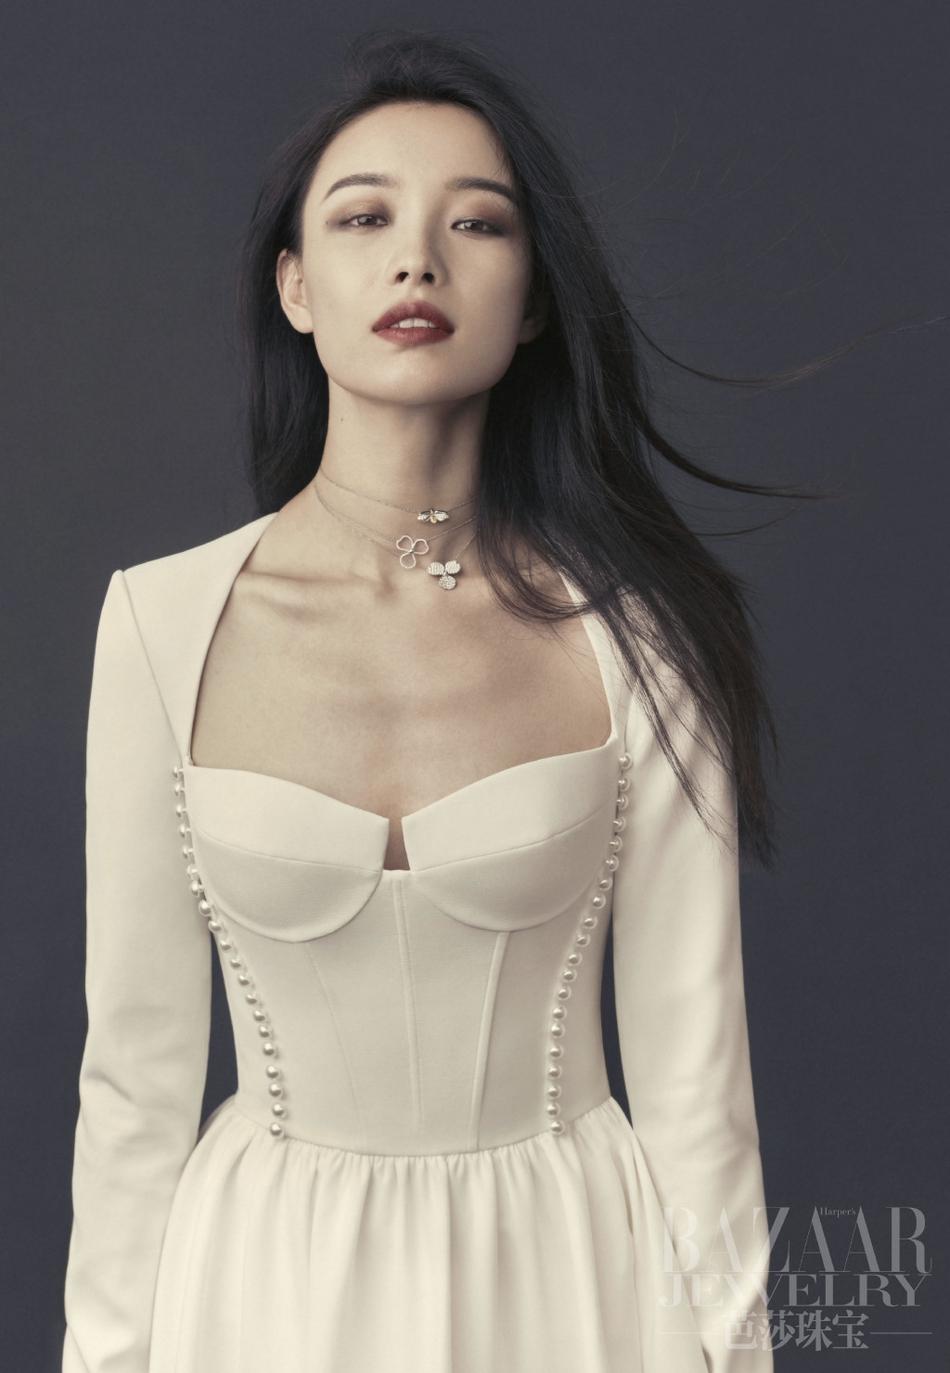 倪妮性感演绎珠宝大片